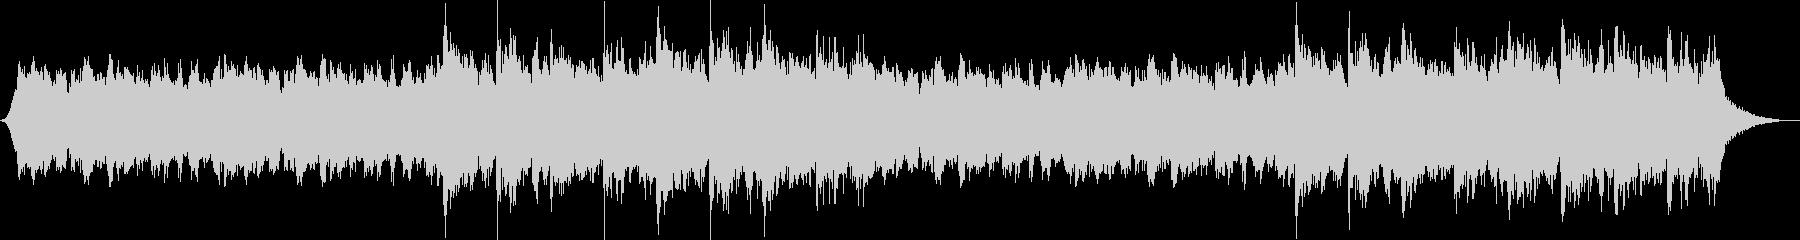 シネマティックなピアノとストリングス2Lの未再生の波形